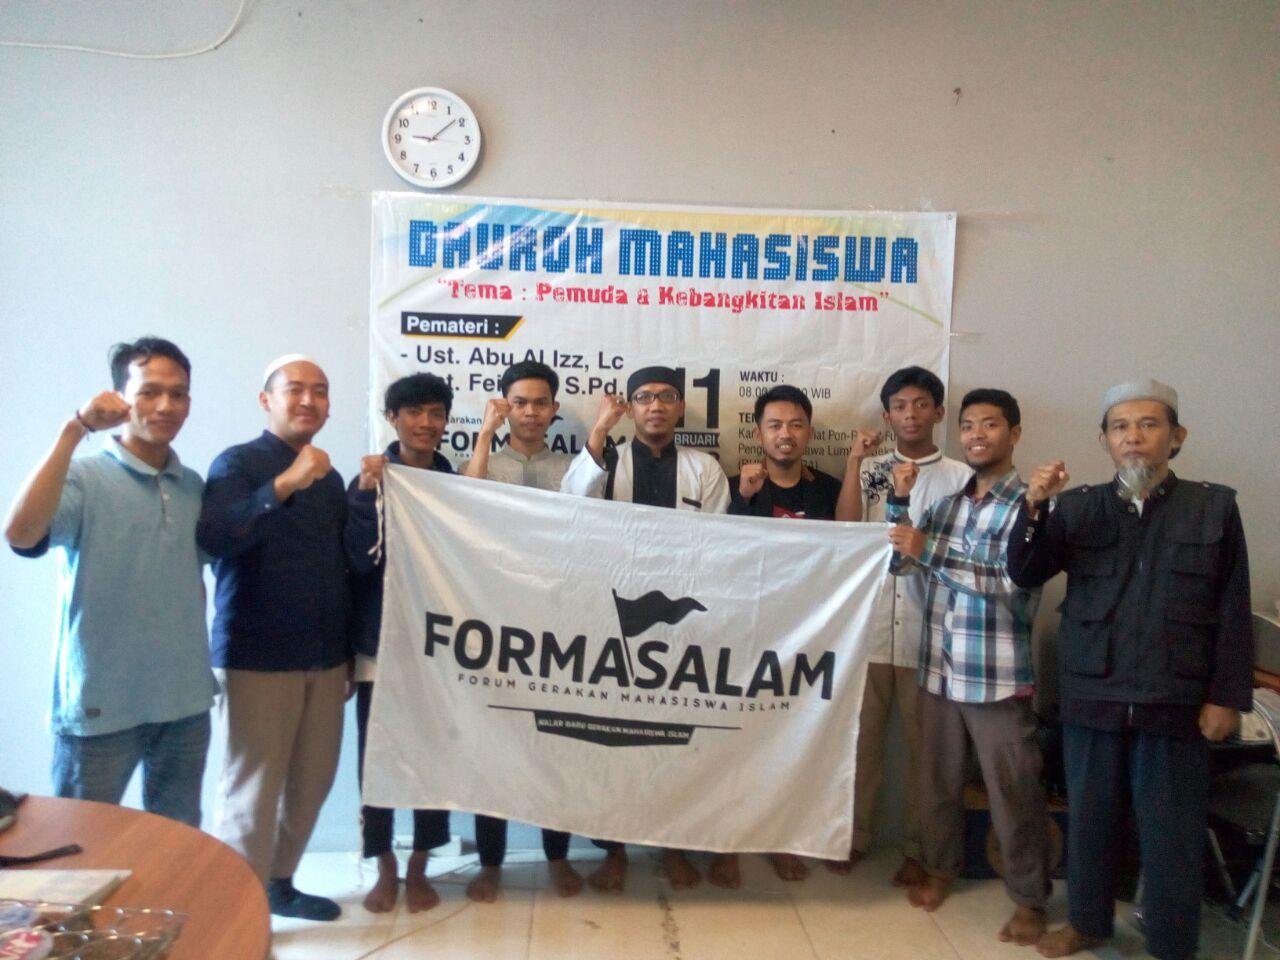 Dauroh Formasalam Jakarta Targetkan Lahirnya Pejuang Islam Masa Depan